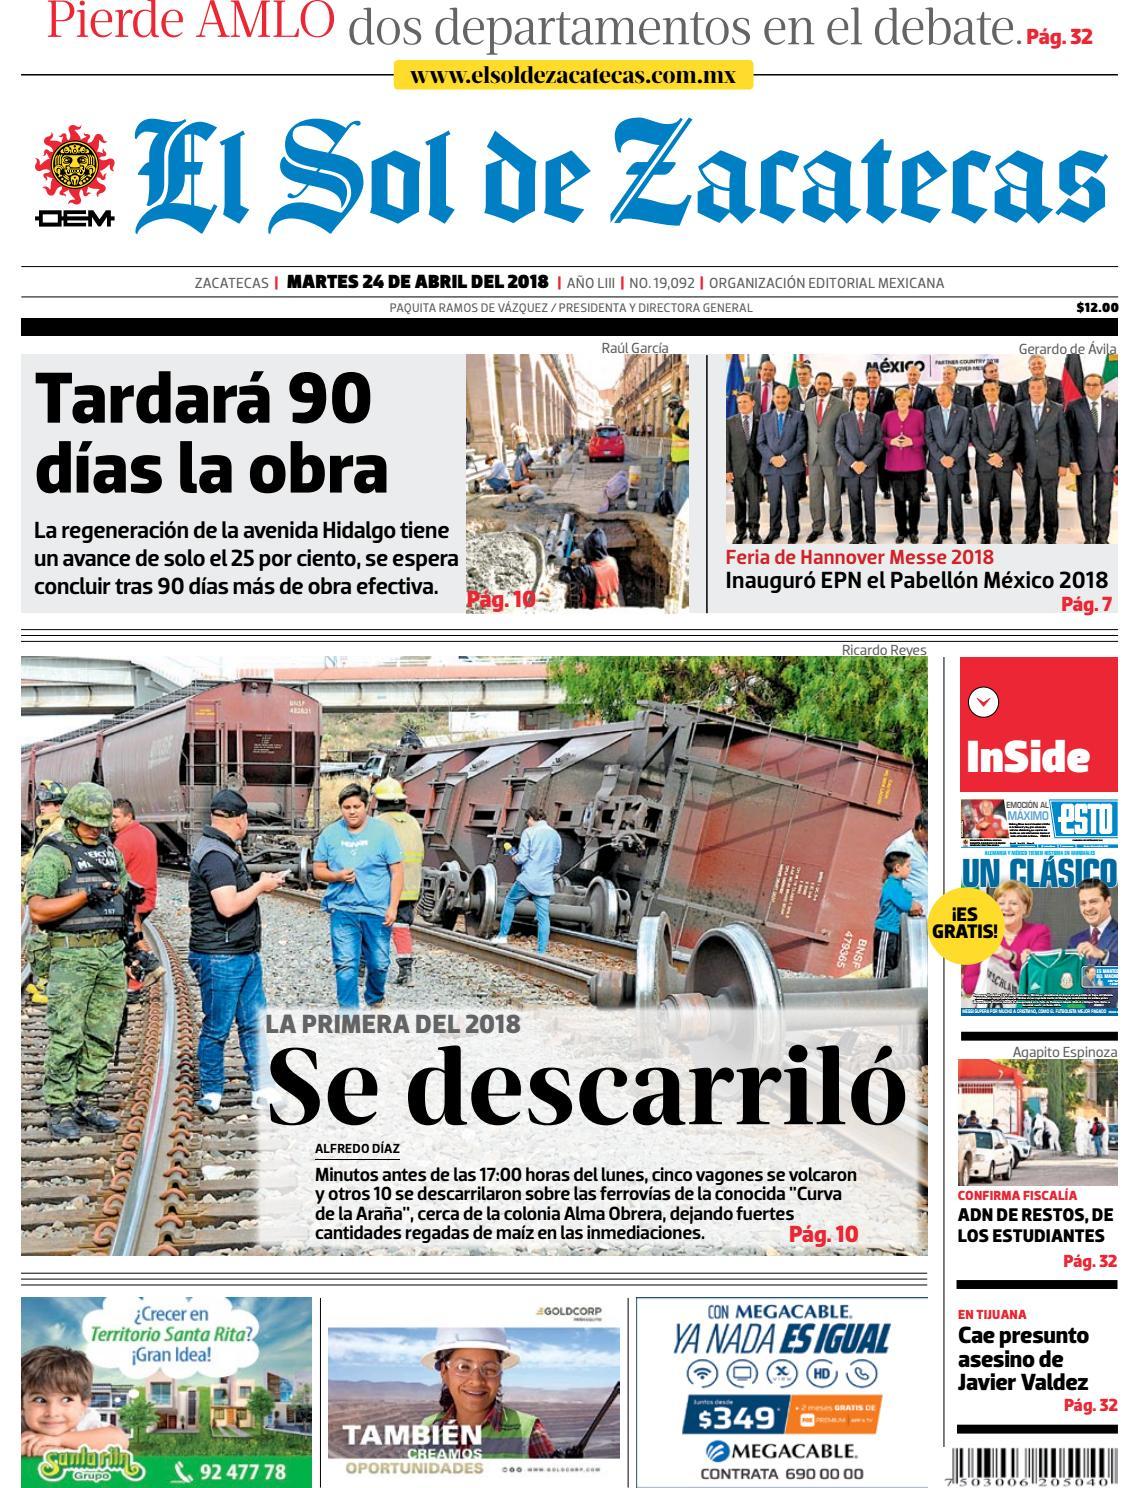 2d0326a93b7f El Sol de Zacatecas 24 de abril 2018